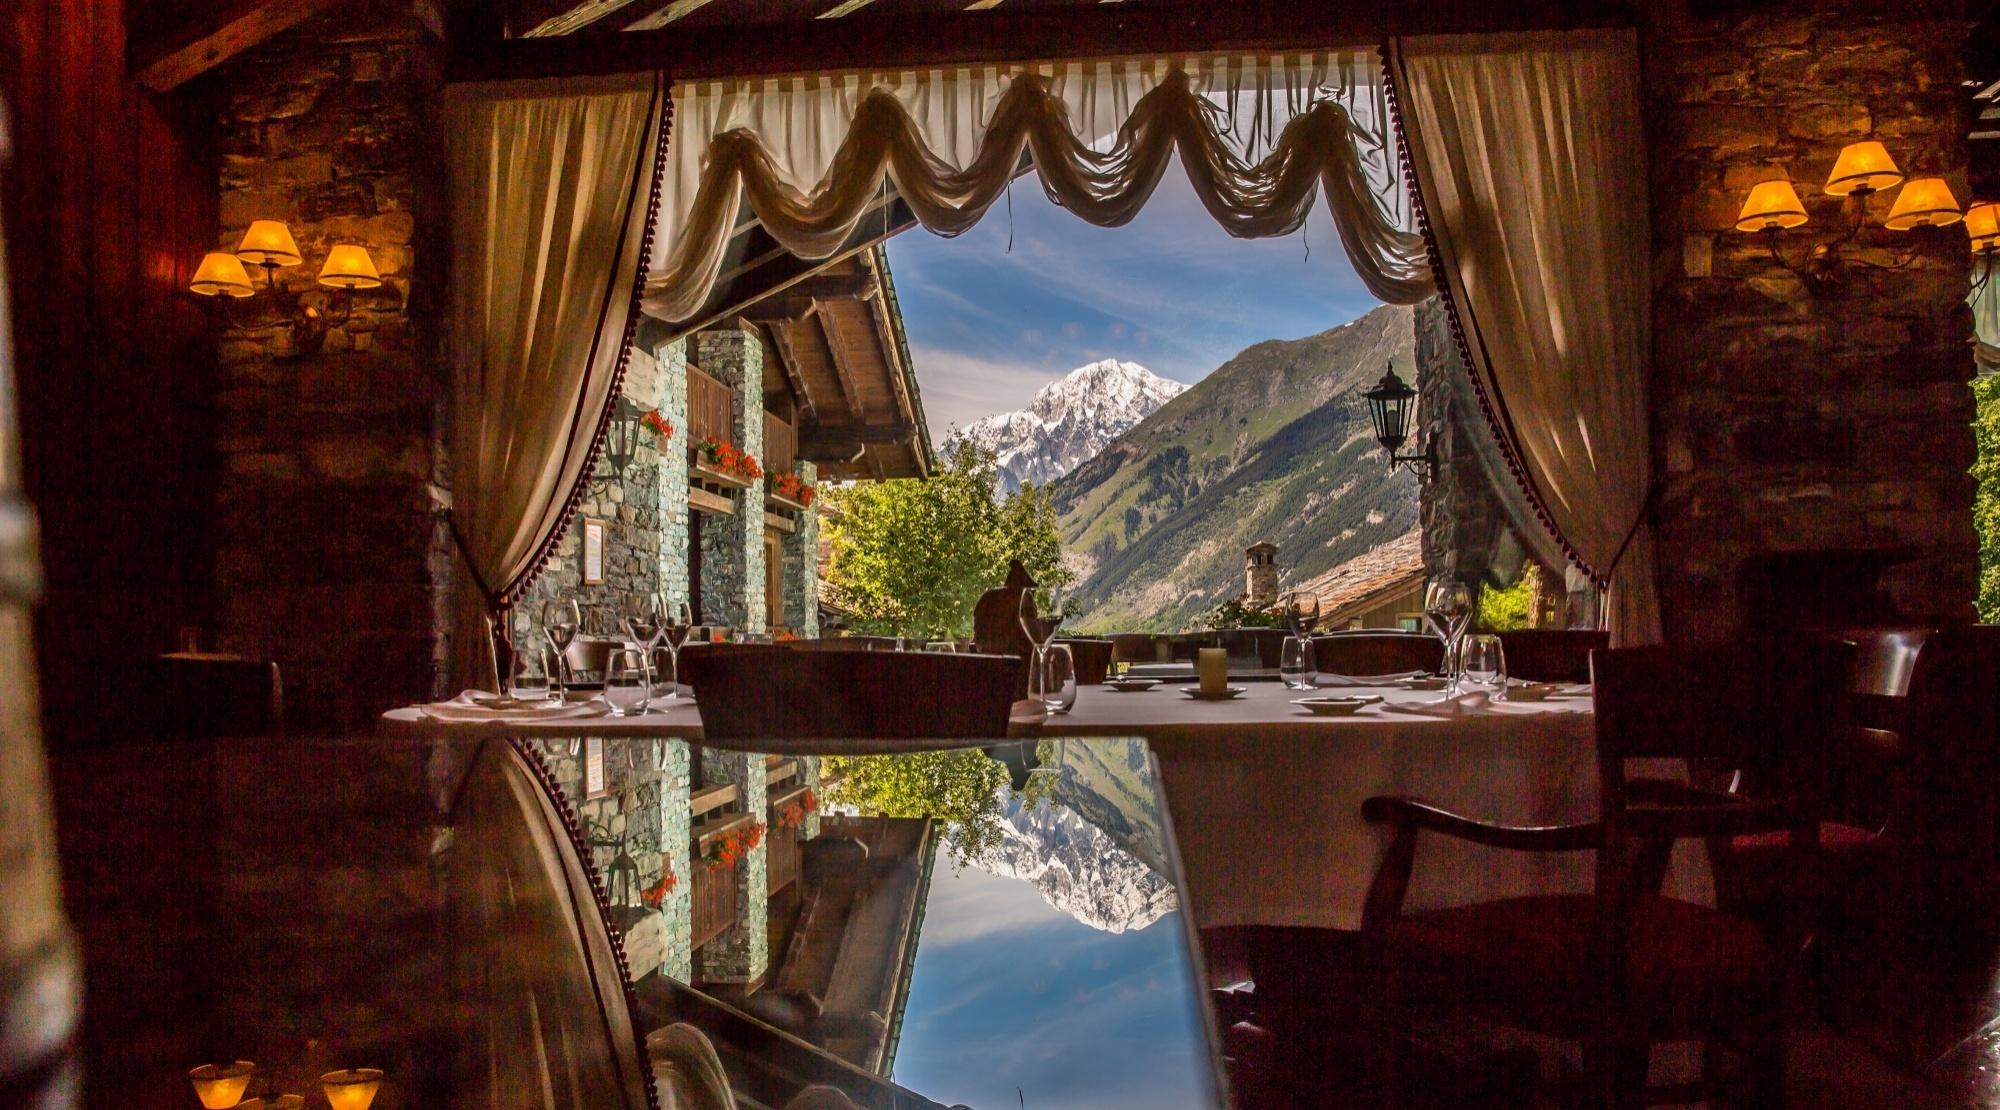 Festività natalizie: in aumento gli stranieri negli alberghi italiani